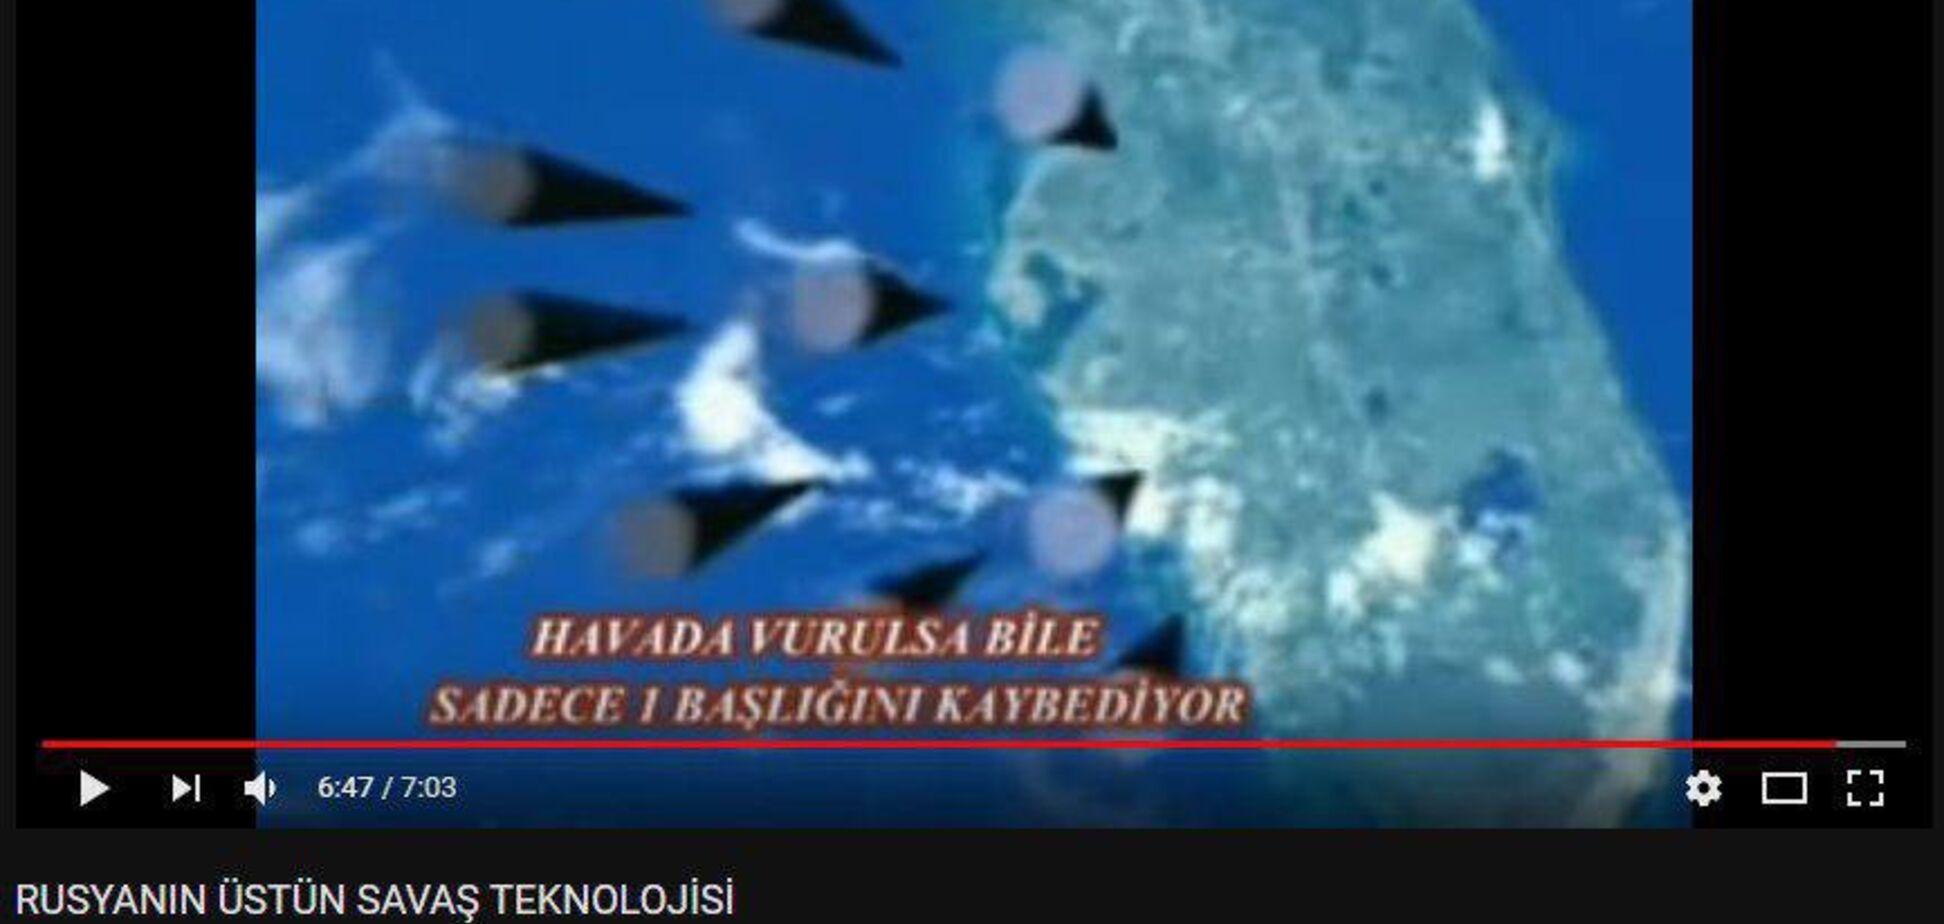 Відео за 2011 рік: Путіна спіймали на брехні про нову ракету